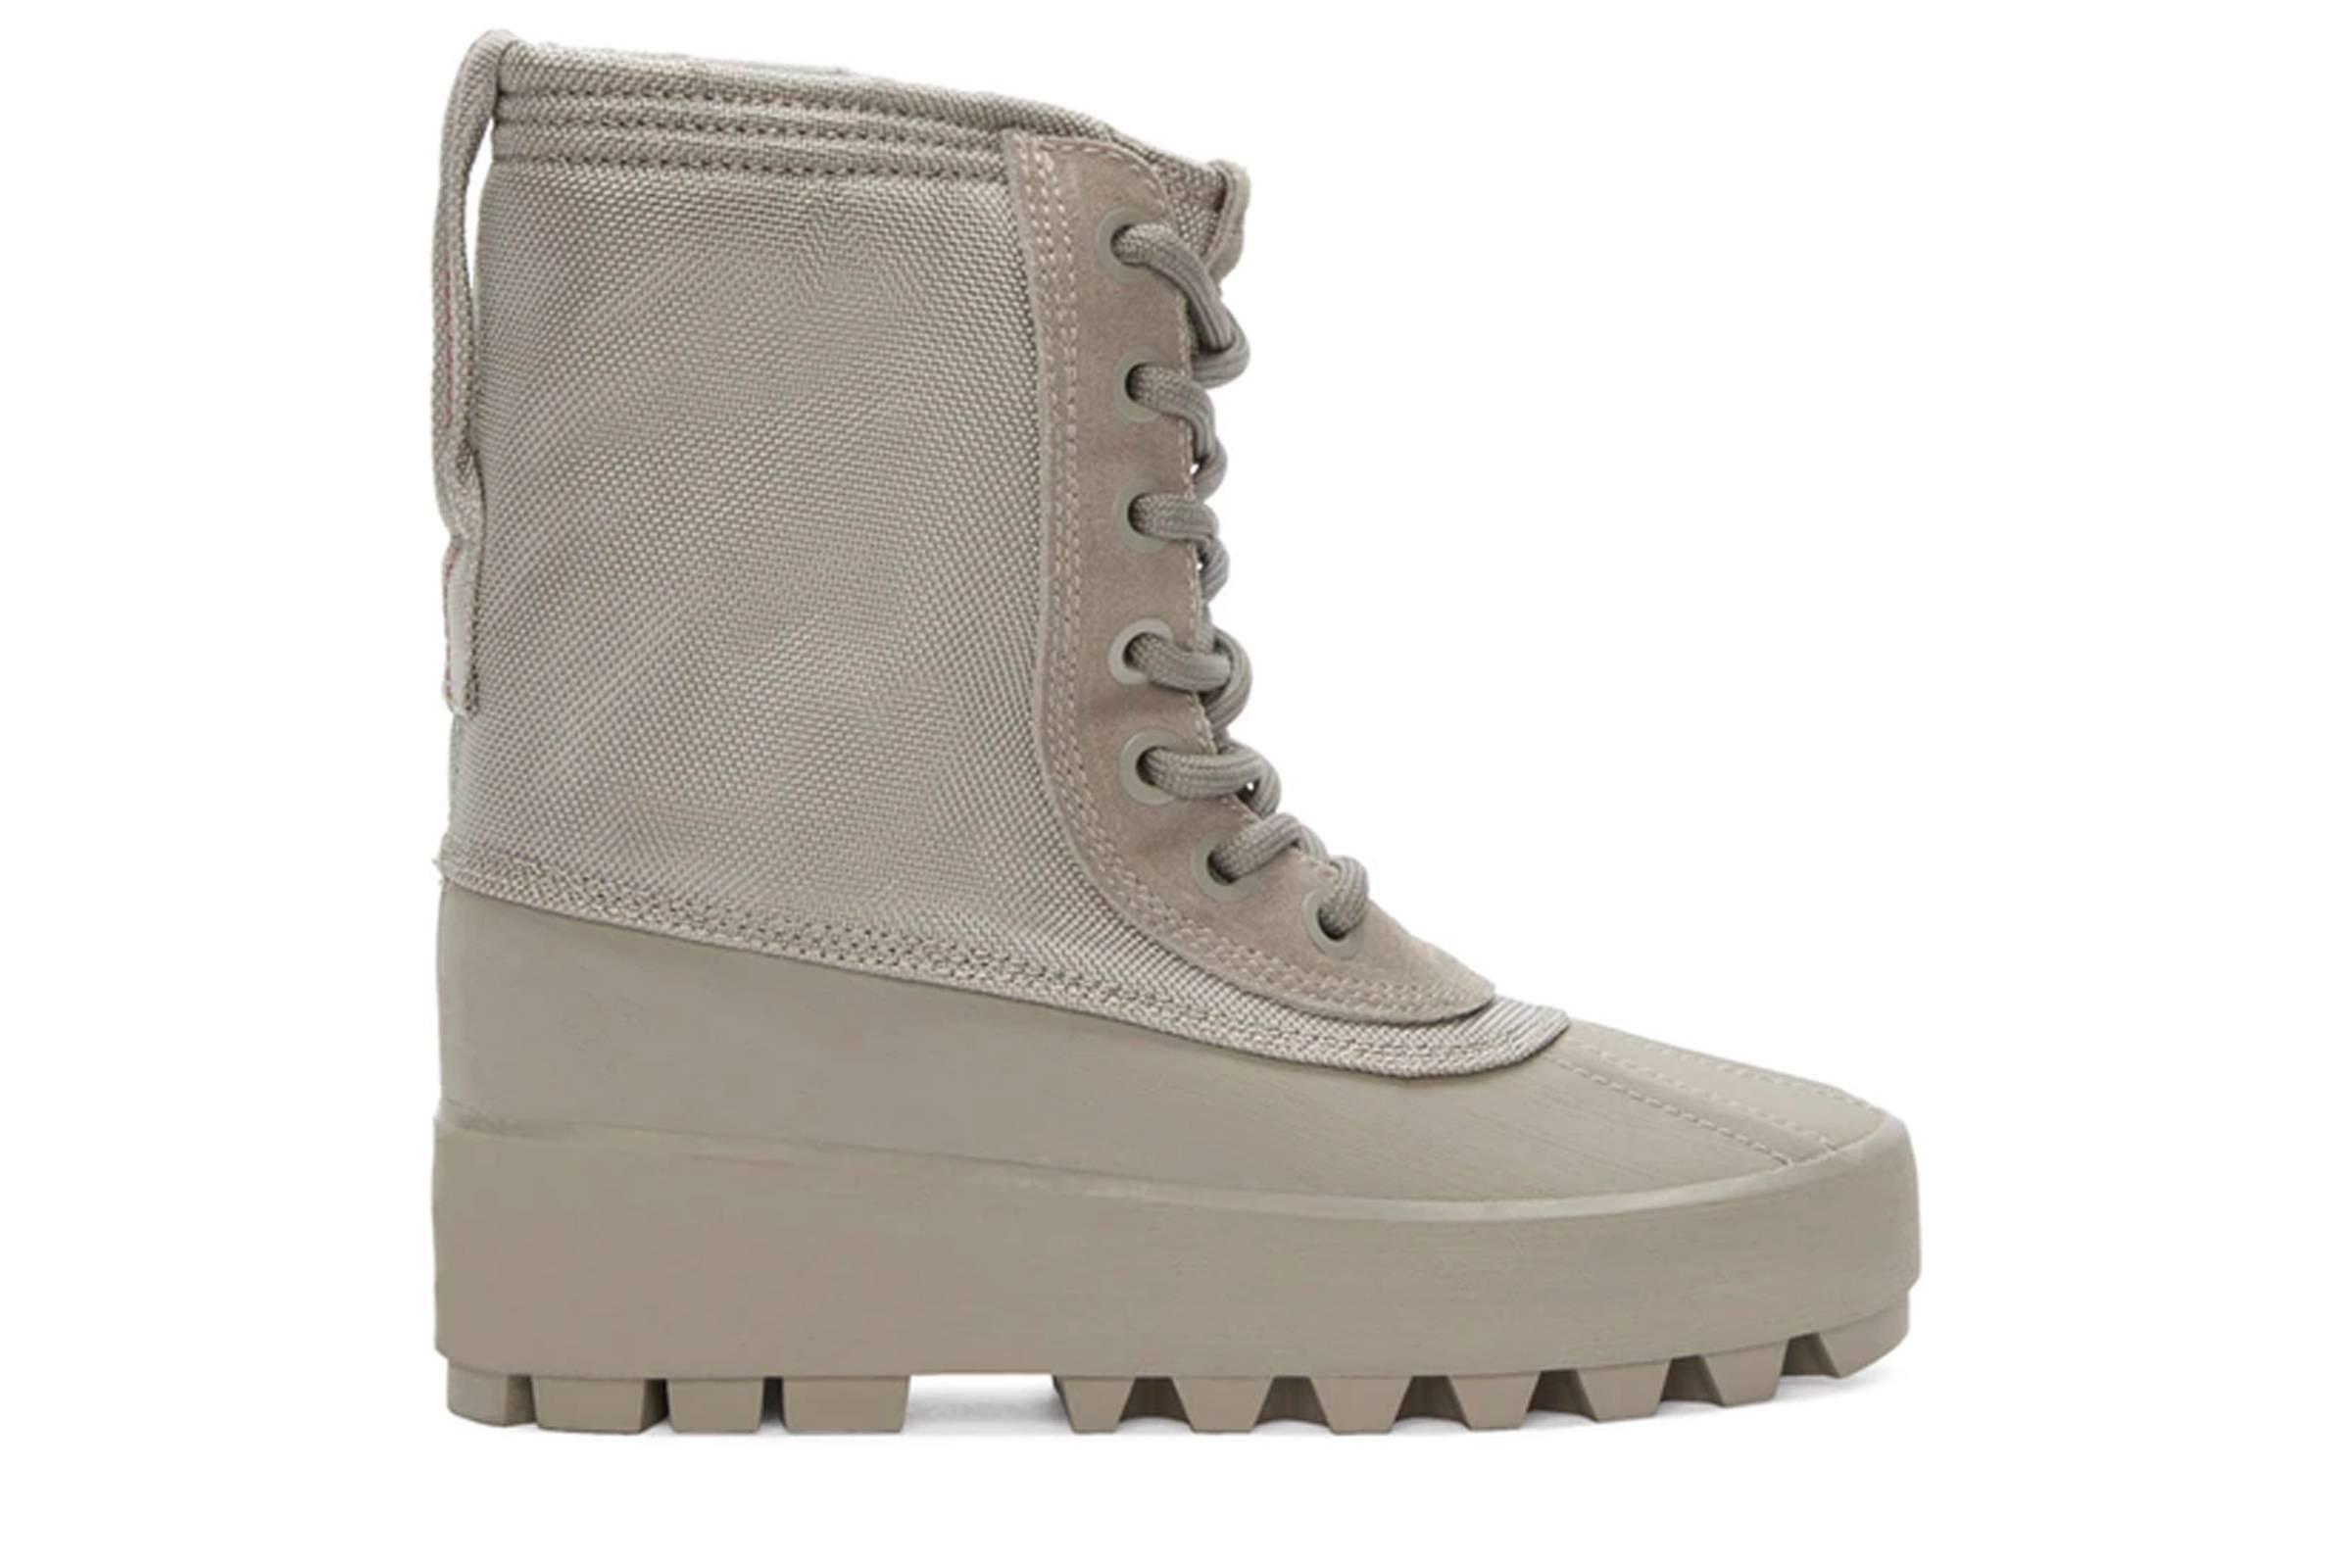 adidas Yeezy Boot 950 (2015)